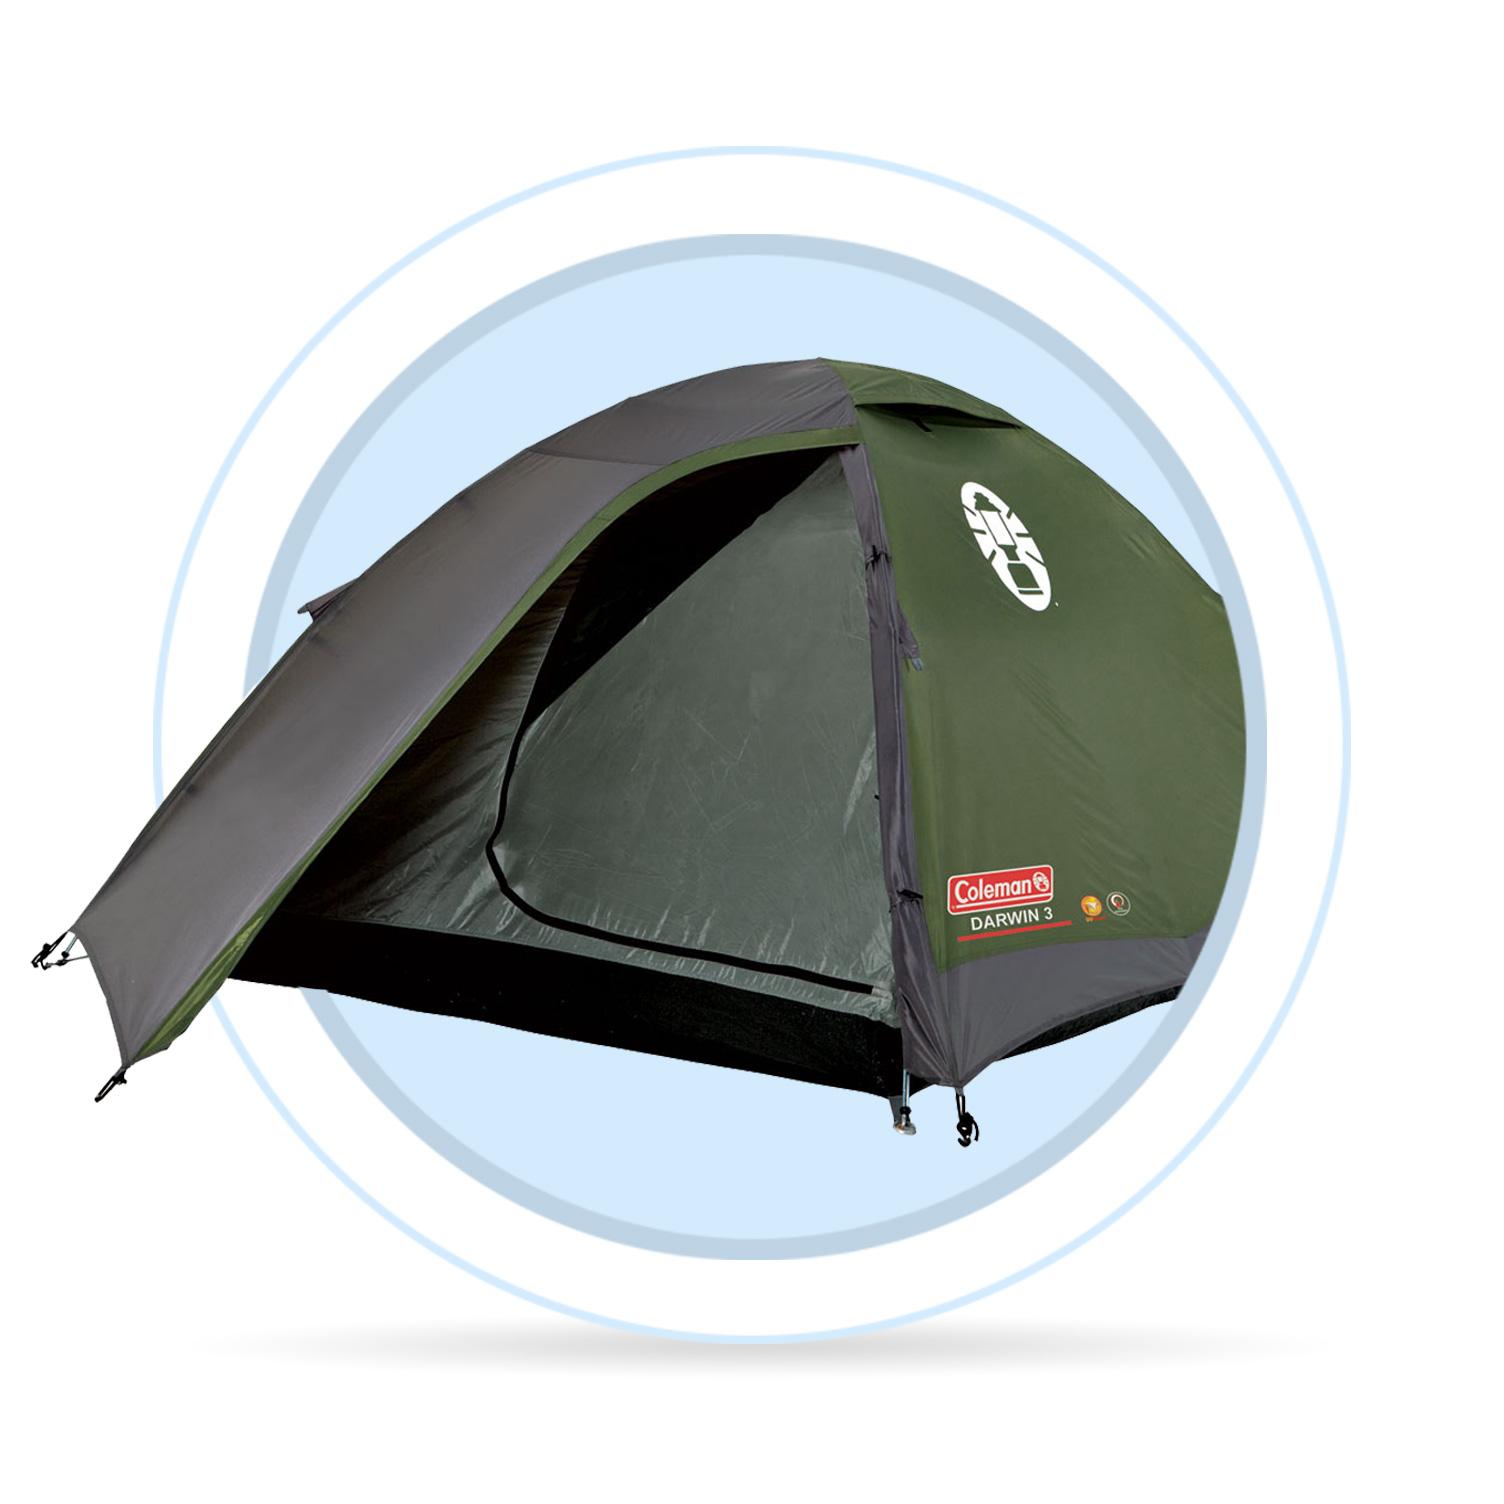 bc5d35ee6411 Minden sátornak meg van a maga alkalmassága az adott tevékenységre. Ezért  mindjárt az elején döntsük el, hogy milyen célra vásárolunk sátrat.